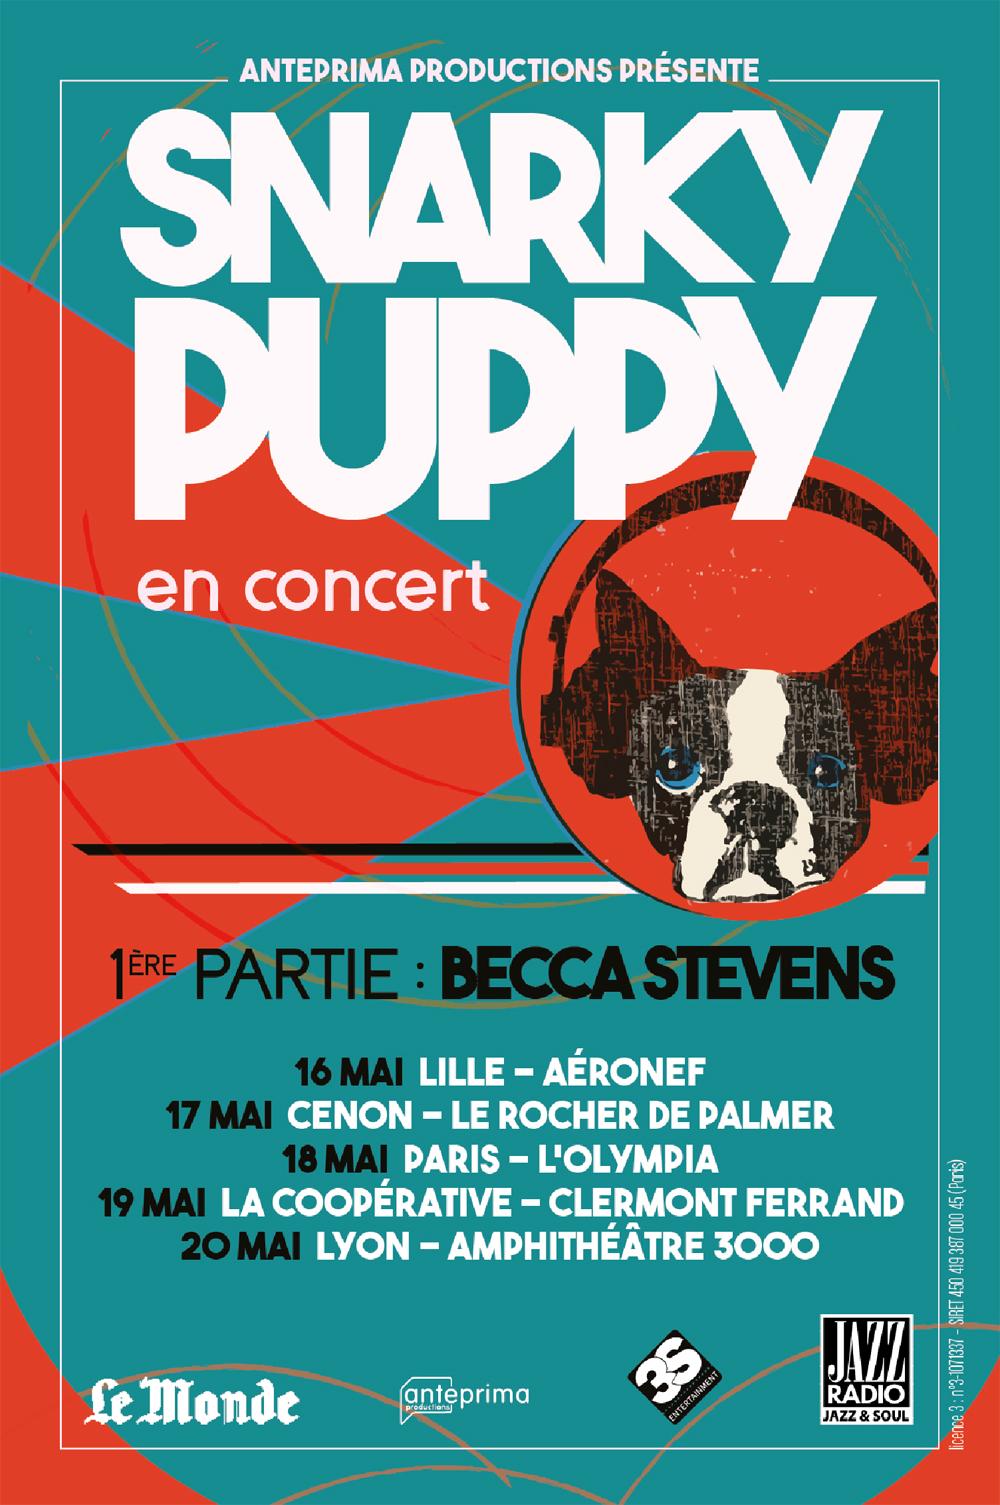 Snarky Puppy, tournée, Becca Stevens